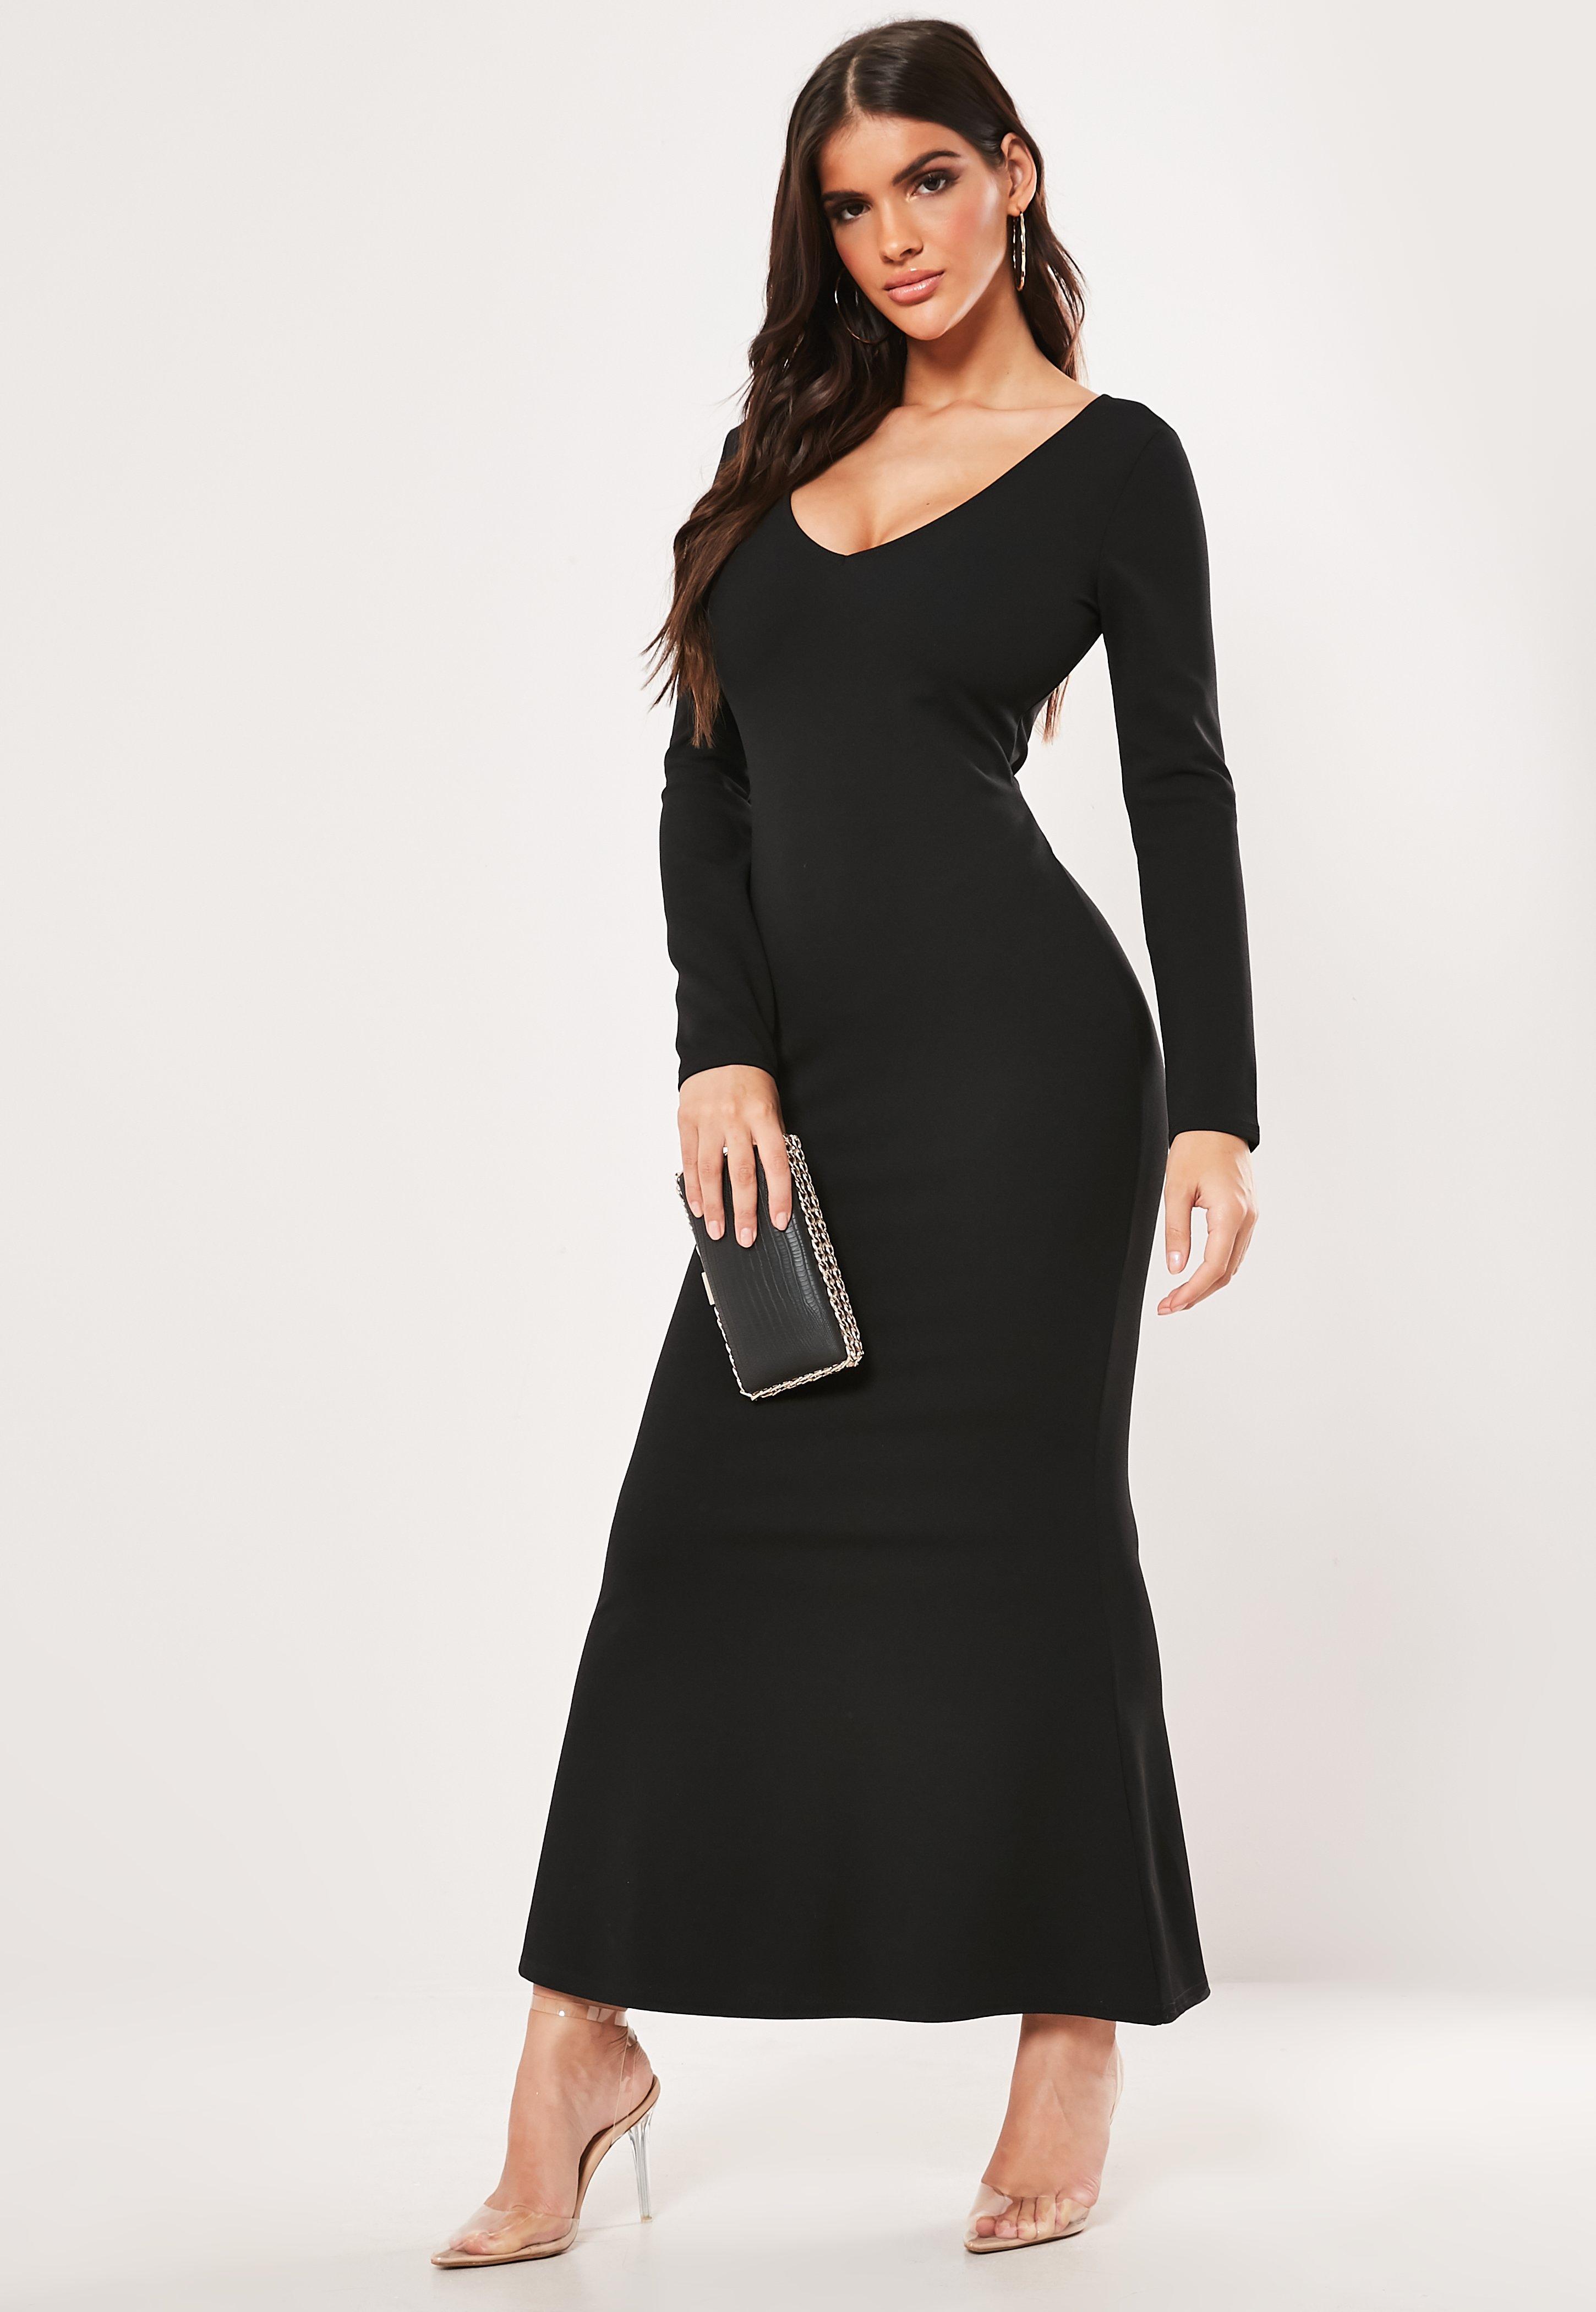 120f6ab6d332 Women Halter Neck Dresses - Buy Women Halter Neck Dresses online in India.  Backless Ball Gown Satin Tulle Floor-length Beading Elegant Halter Prom ...